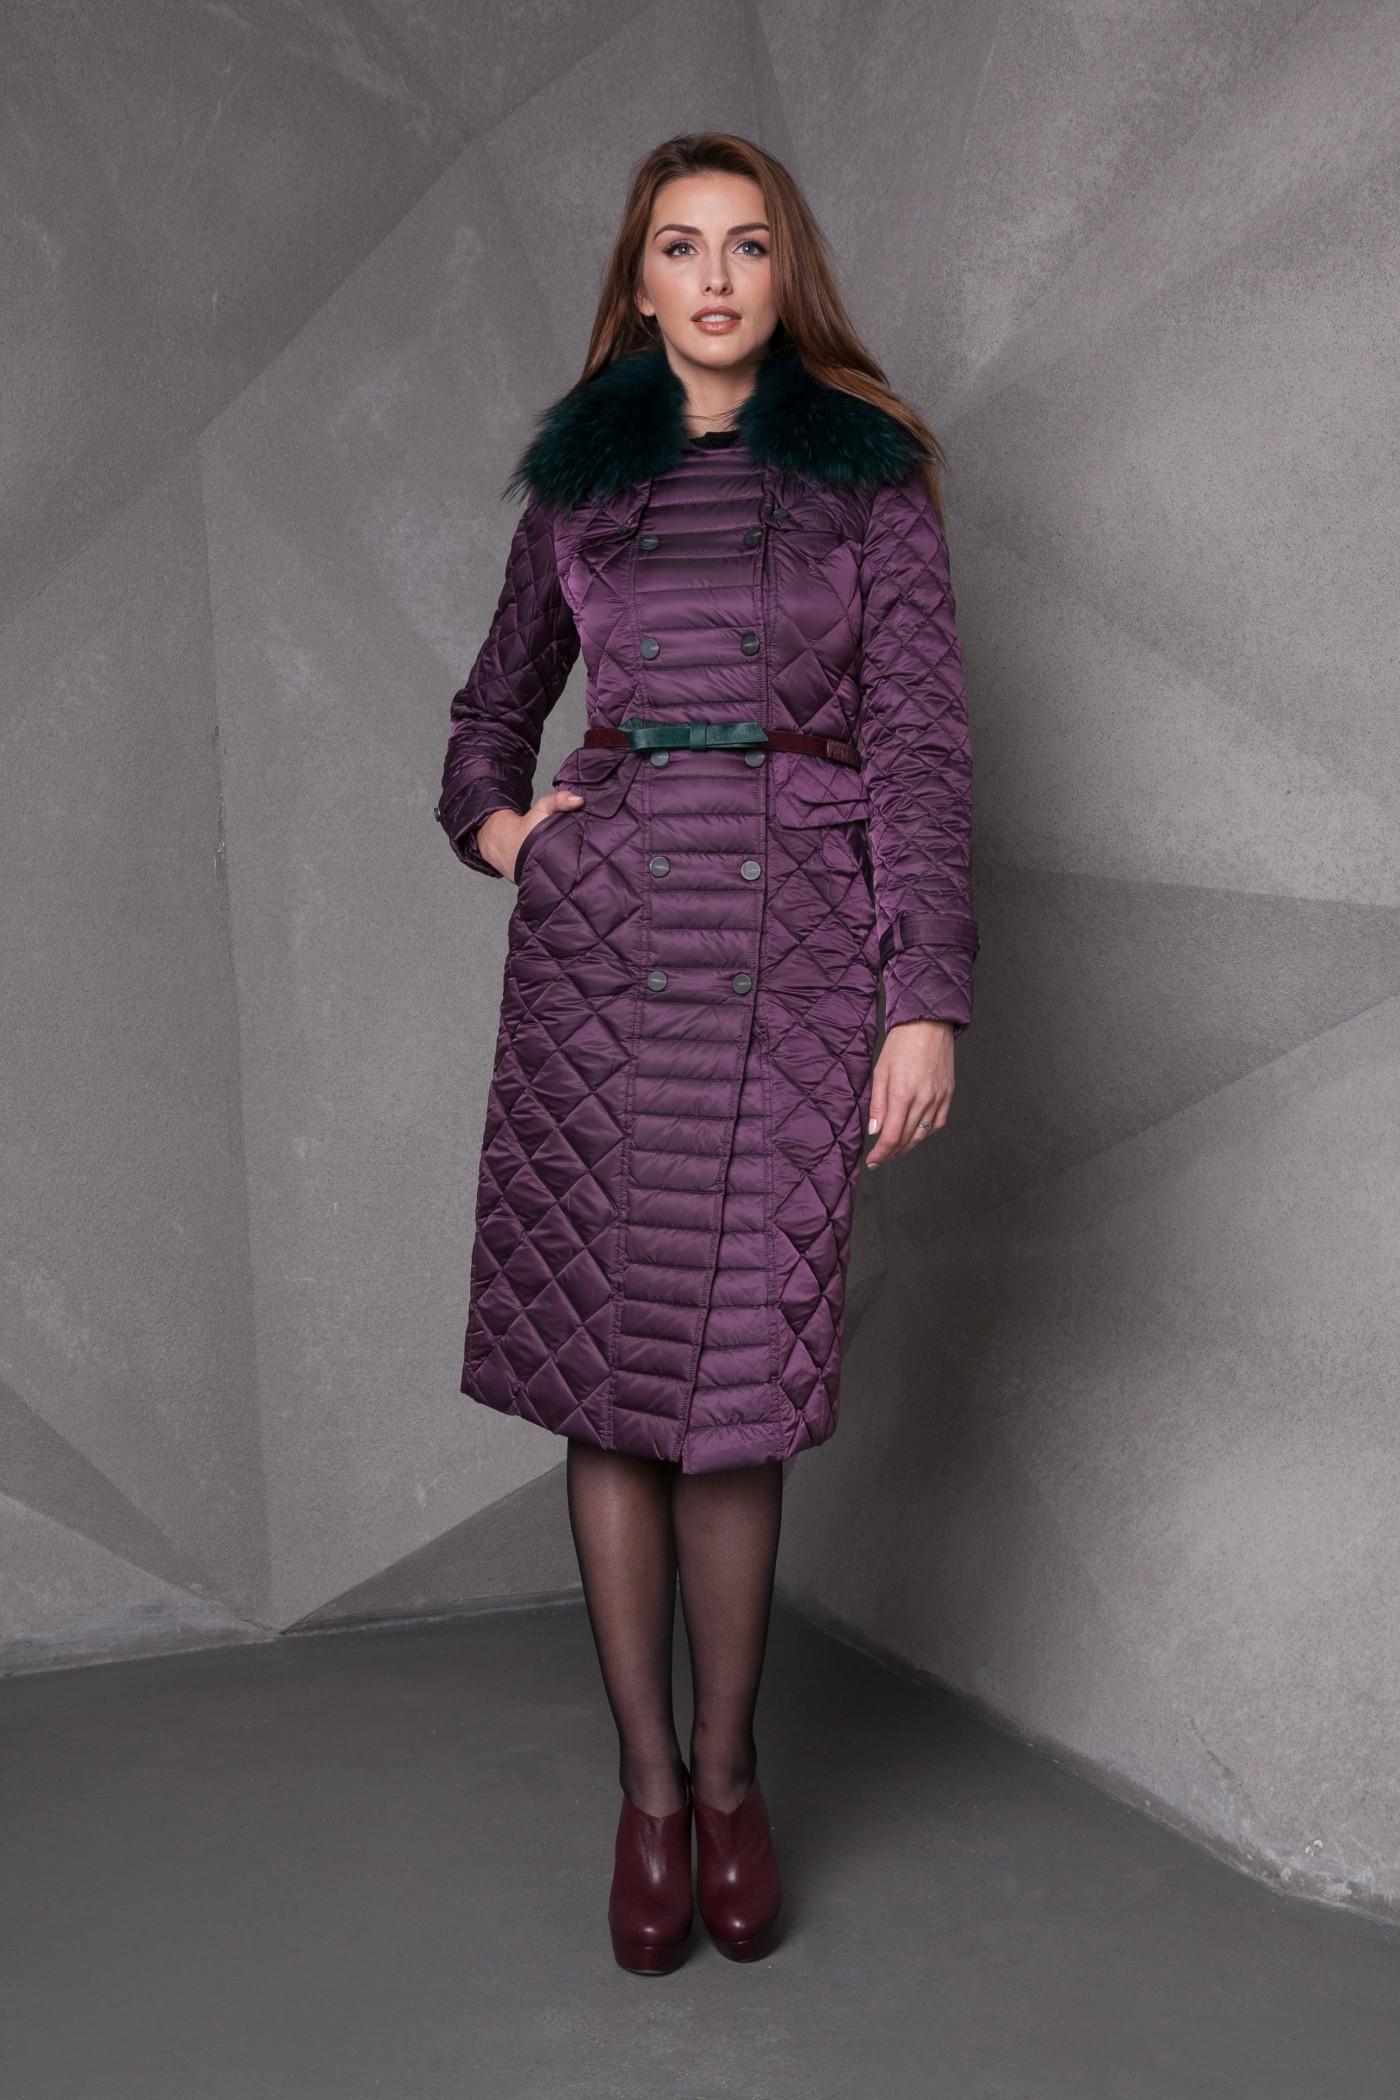 Женская Одежда Jlhb Интернет Магазин